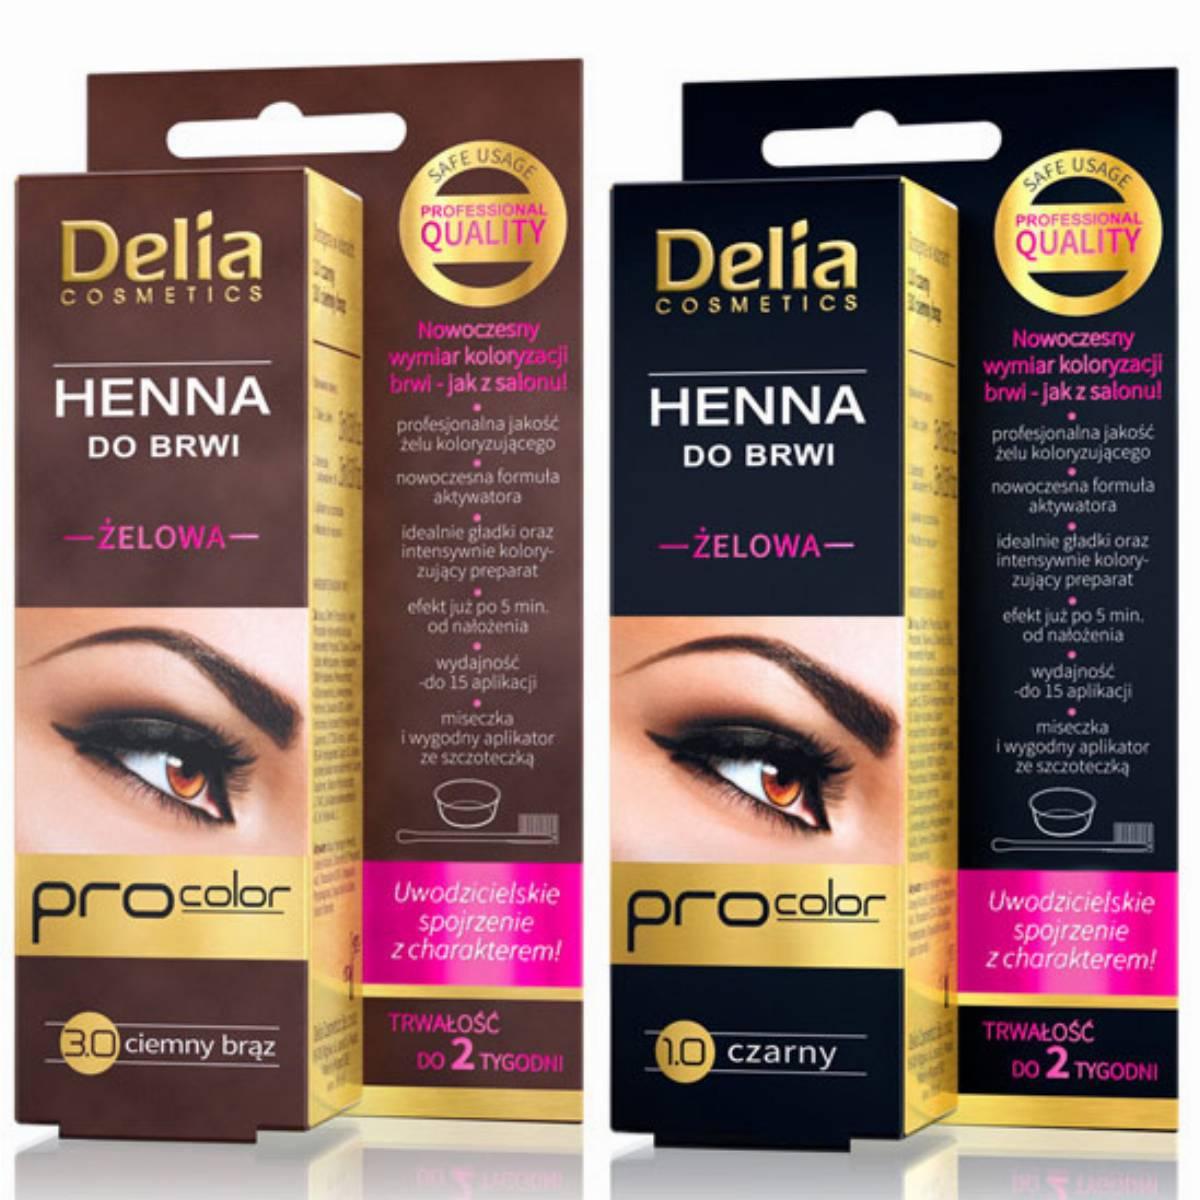 delia-henna-do-brwi-1